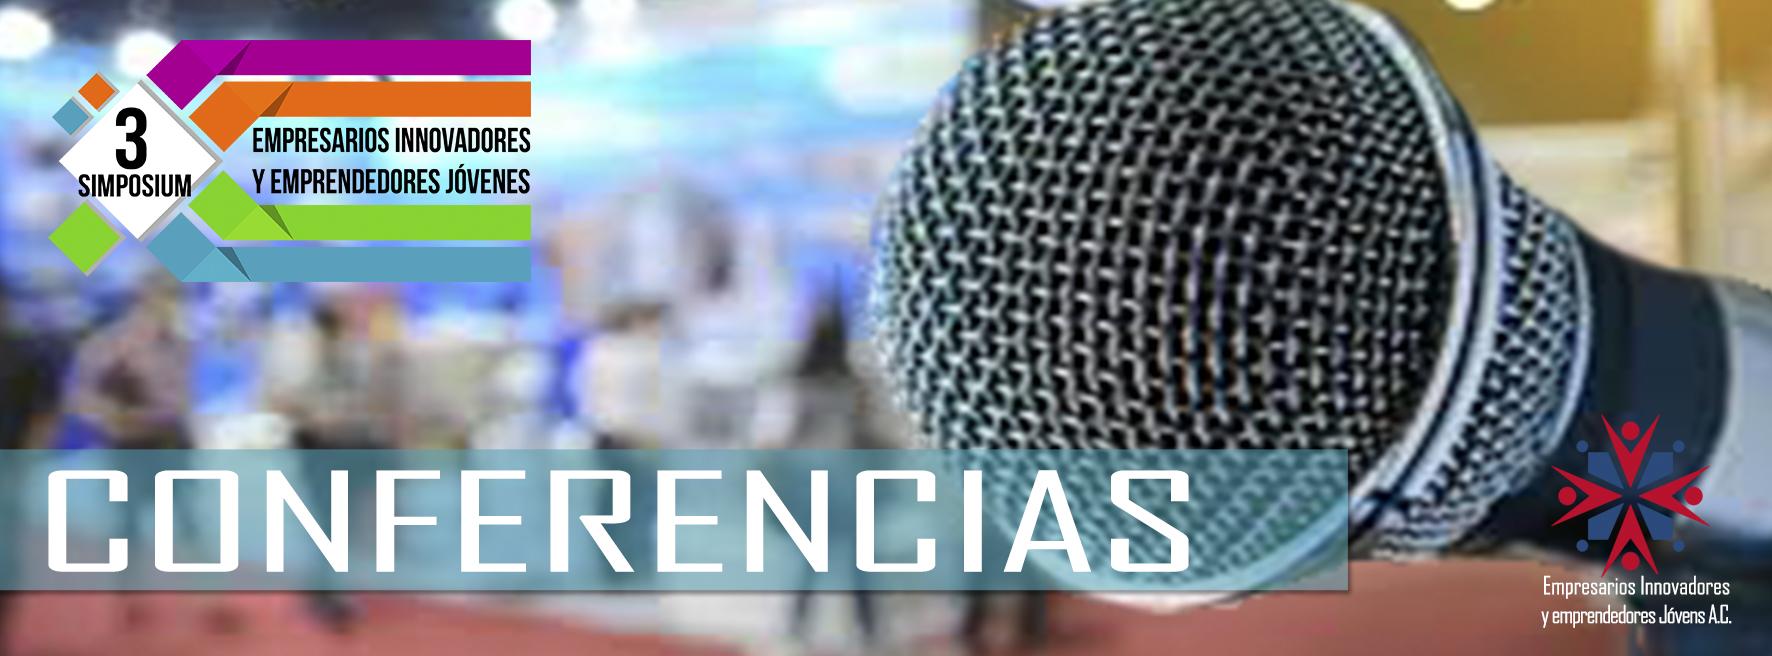 Banners Pagina WebCONFERENCIAS